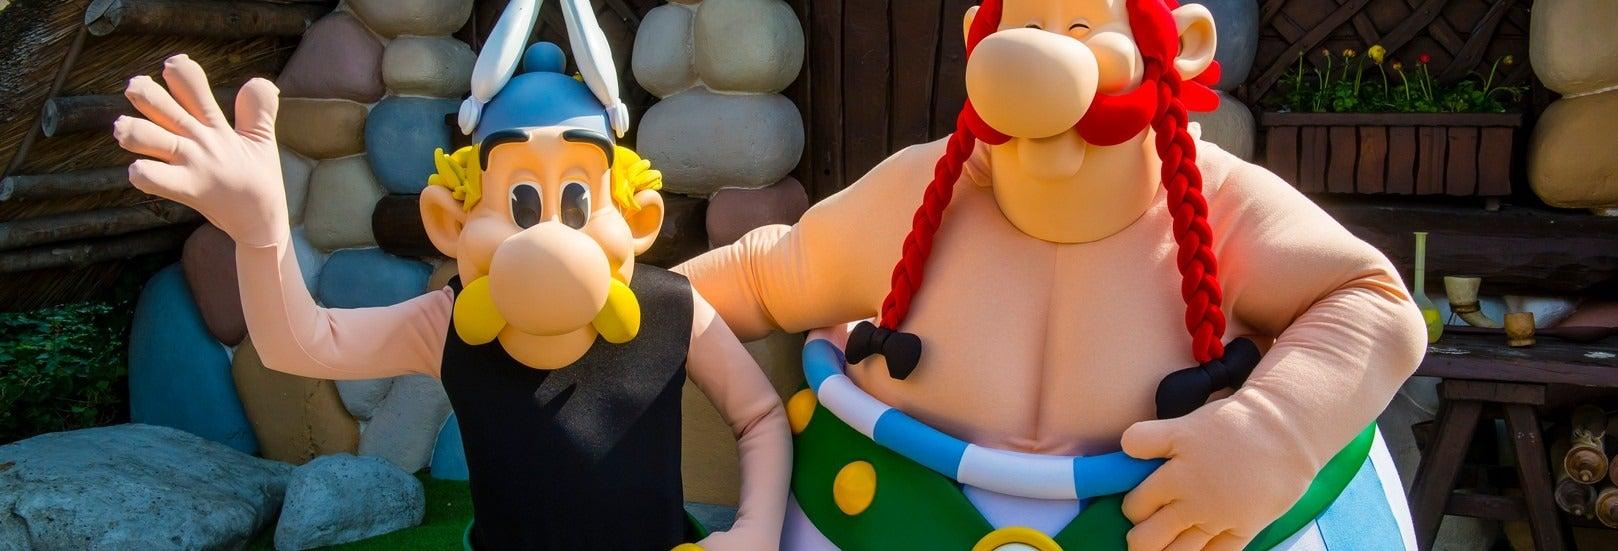 Ingressos do Parque Asterix